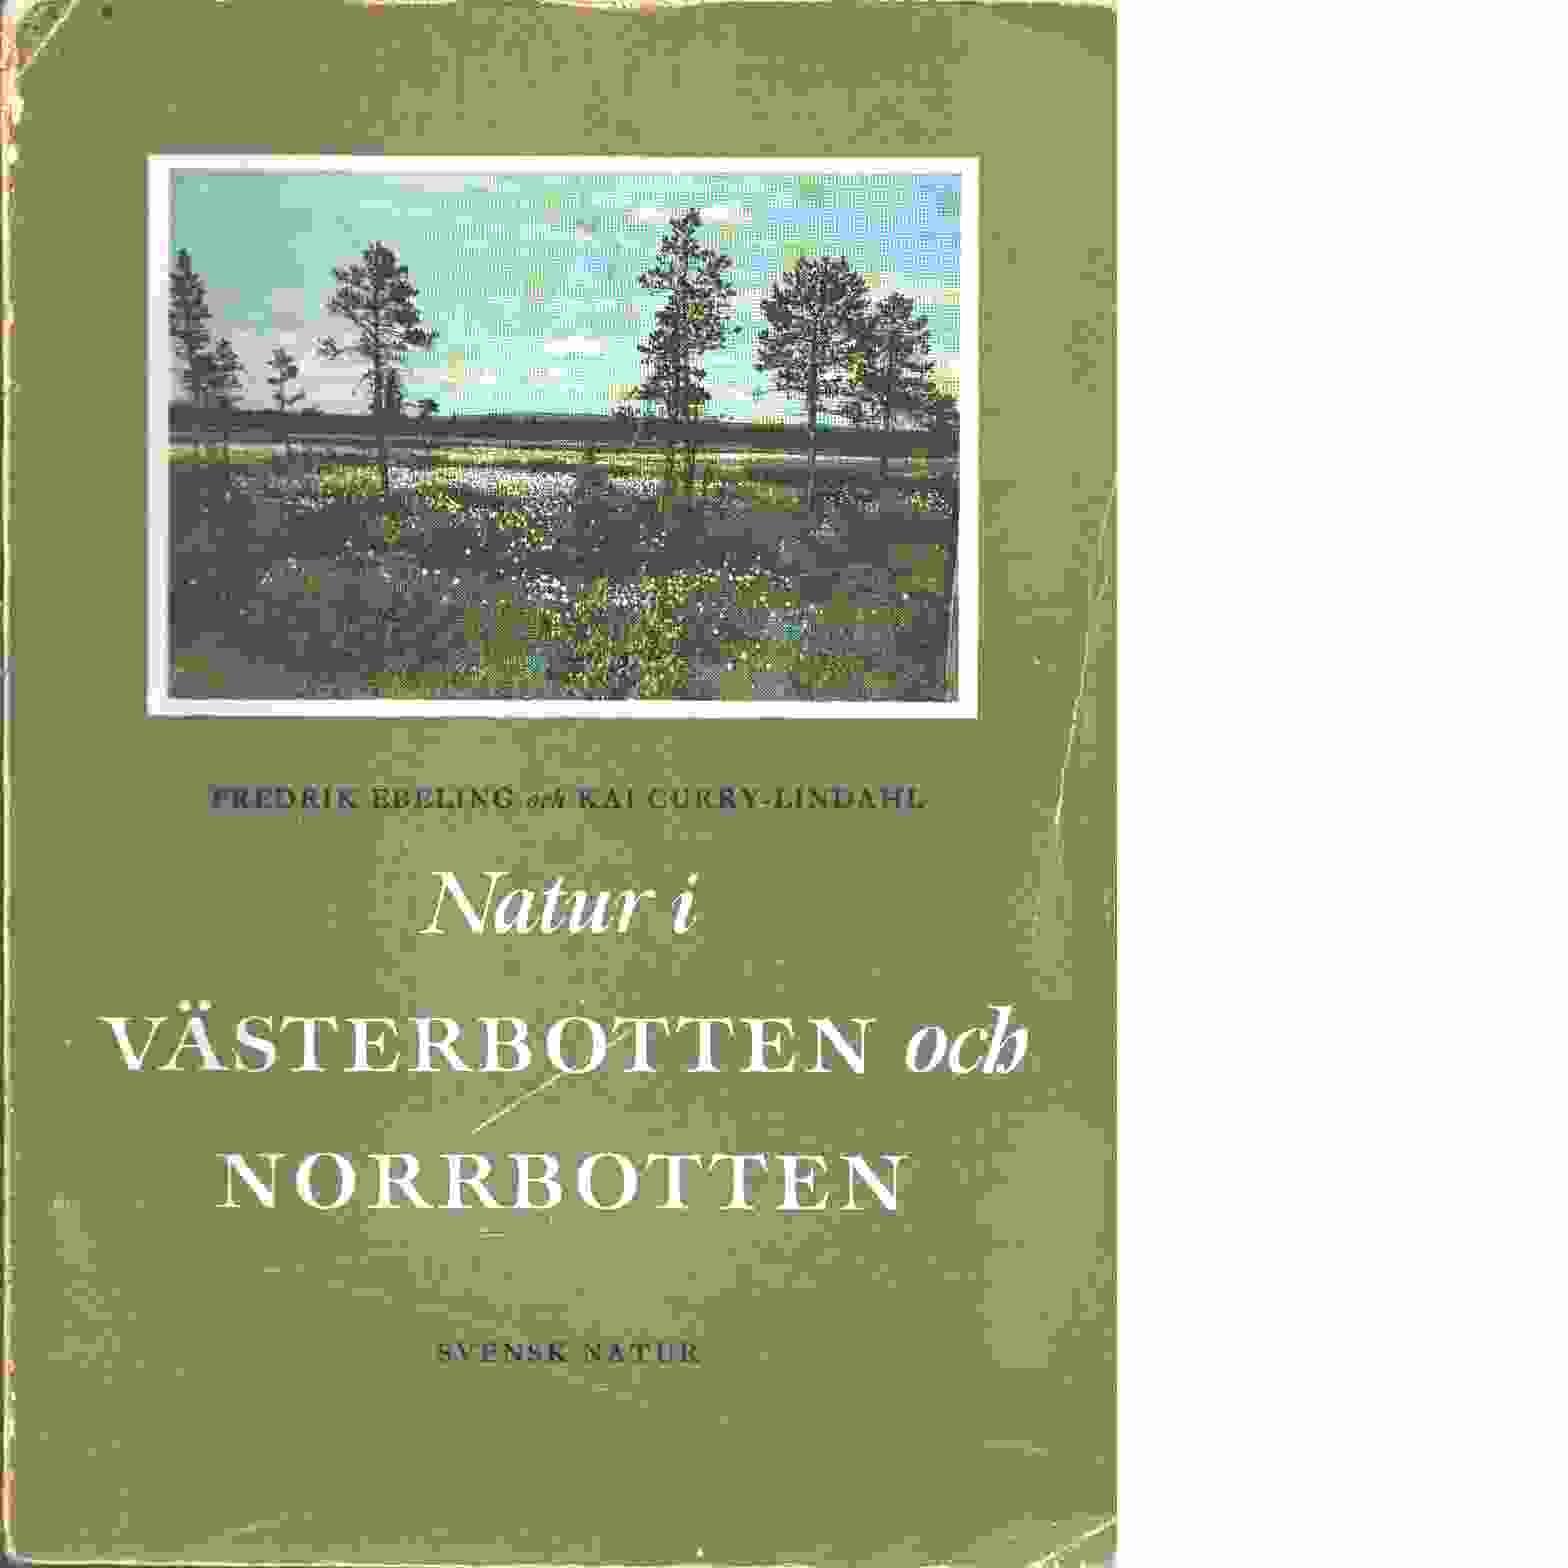 Natur i Västerbotten och Norrbotten - Red. Curry-Lindahl, Kai och Ebeling, Fredrik